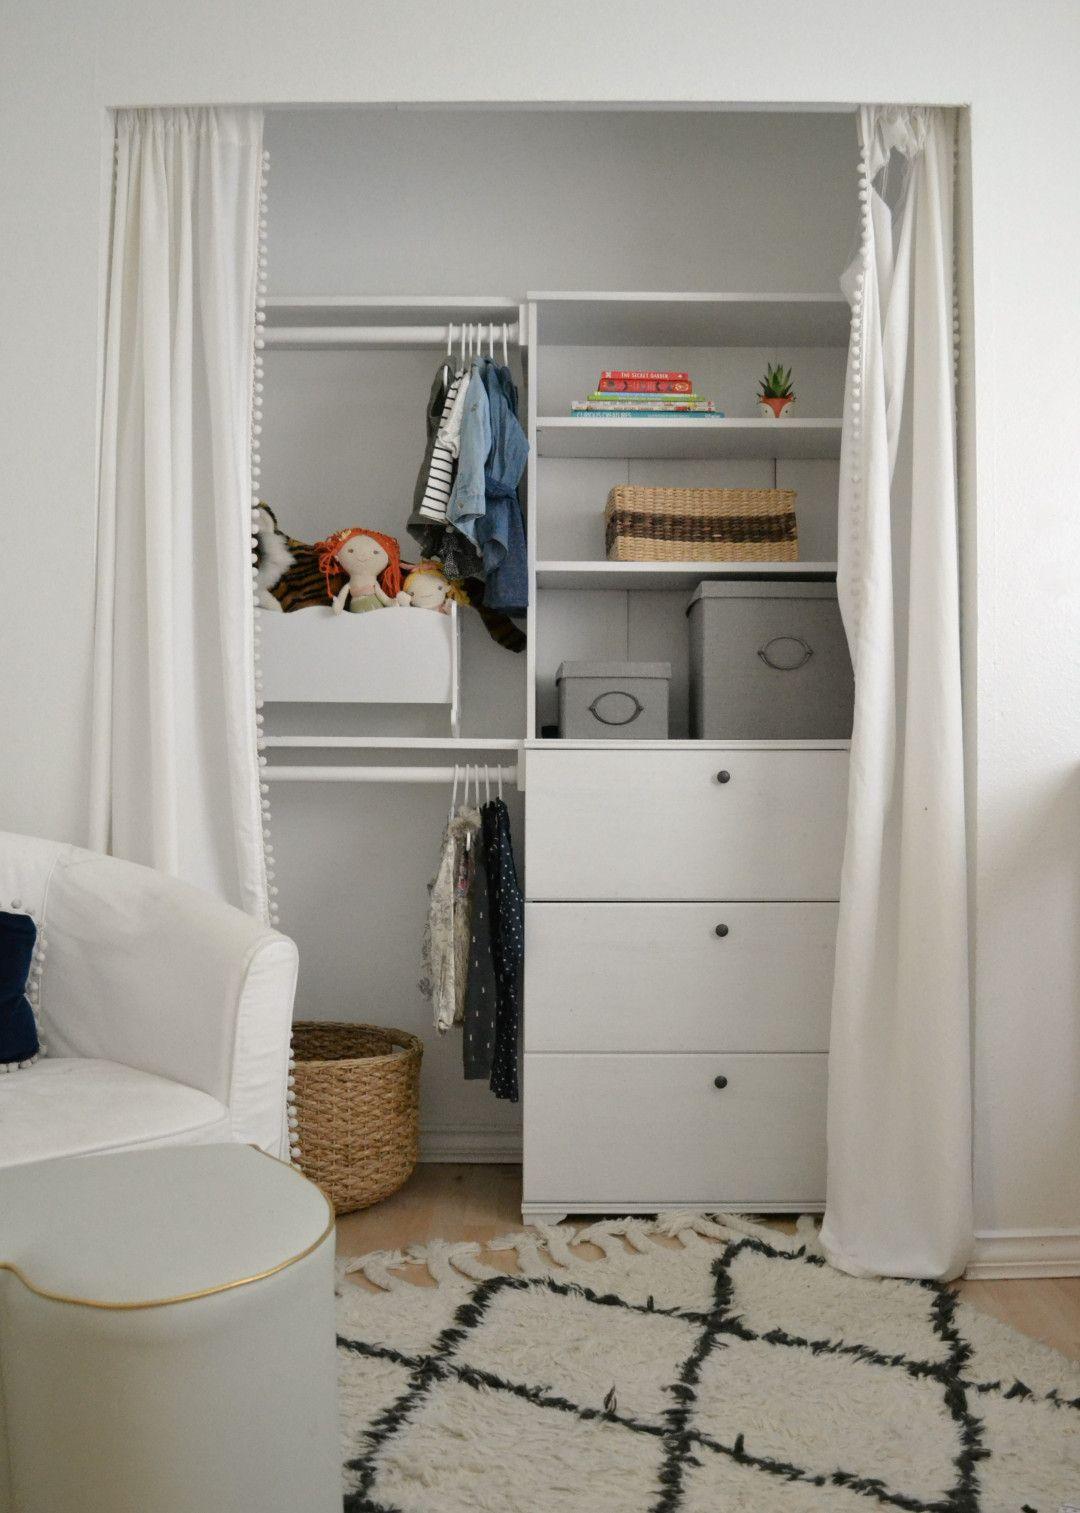 DIY Closet BuiltIn Diy closet, Home diy, Small closet